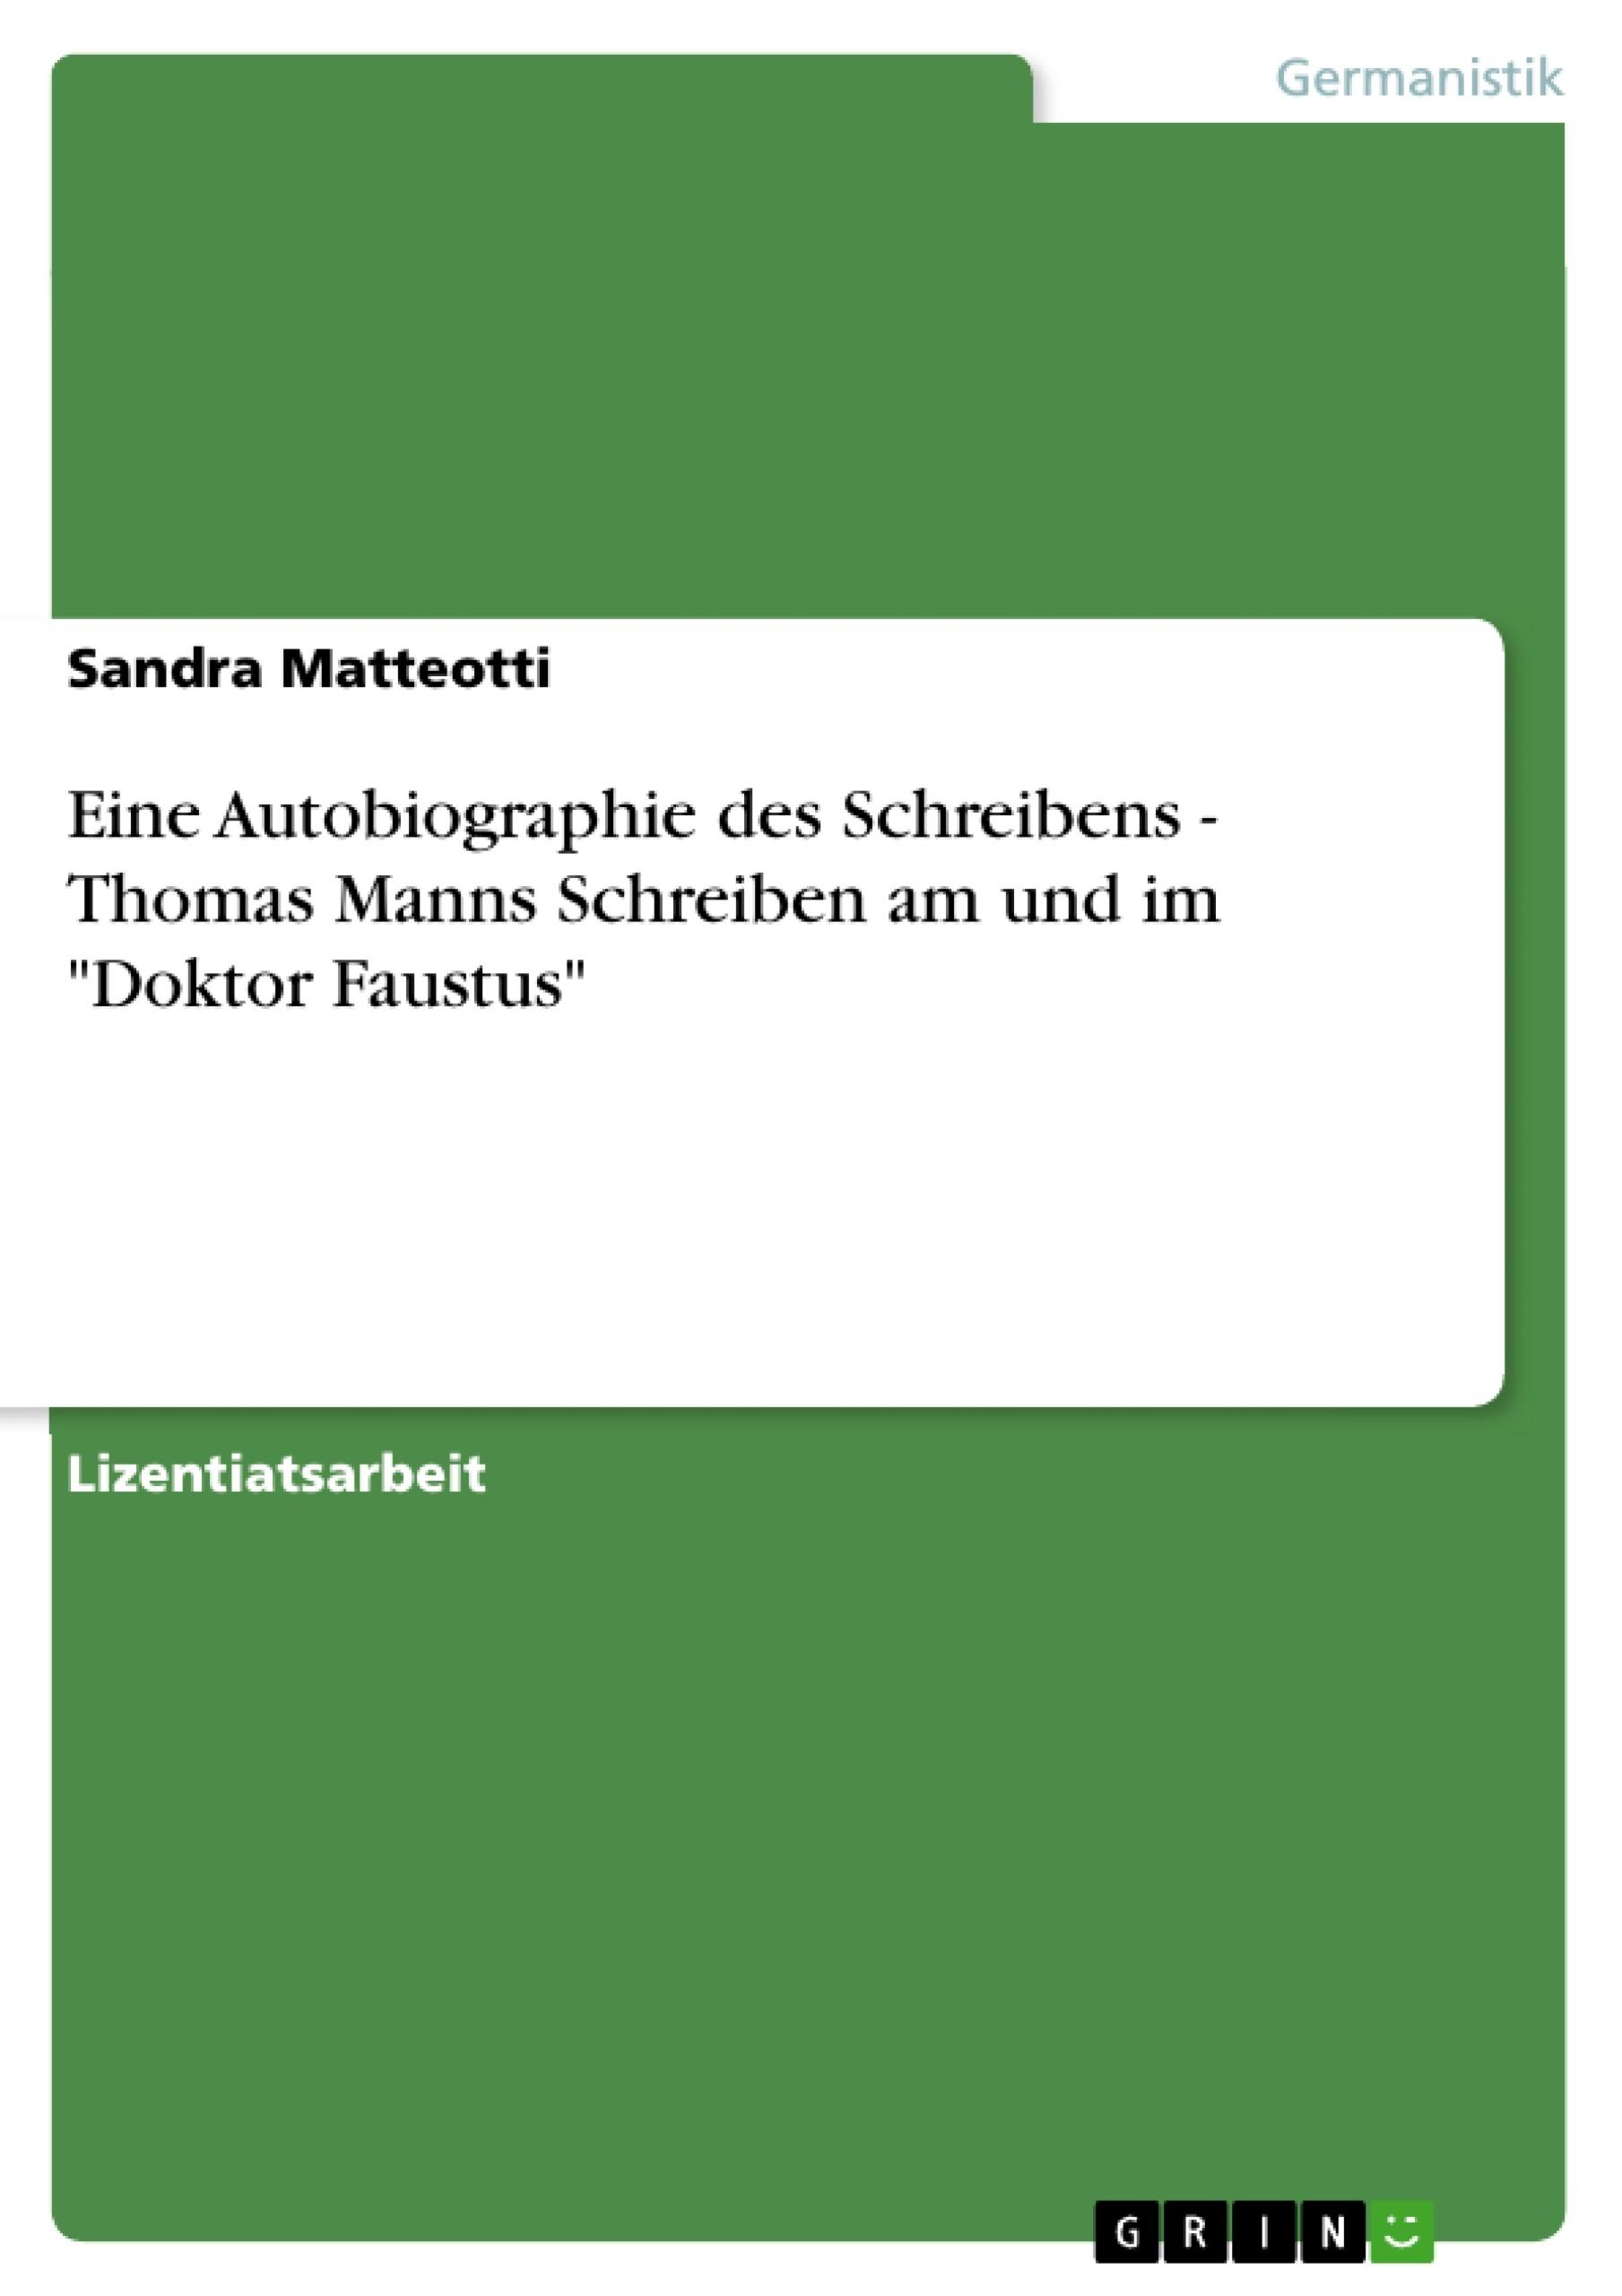 Eine Autobiographie des Schreibens - Thomas Manns Schreiben am und ...